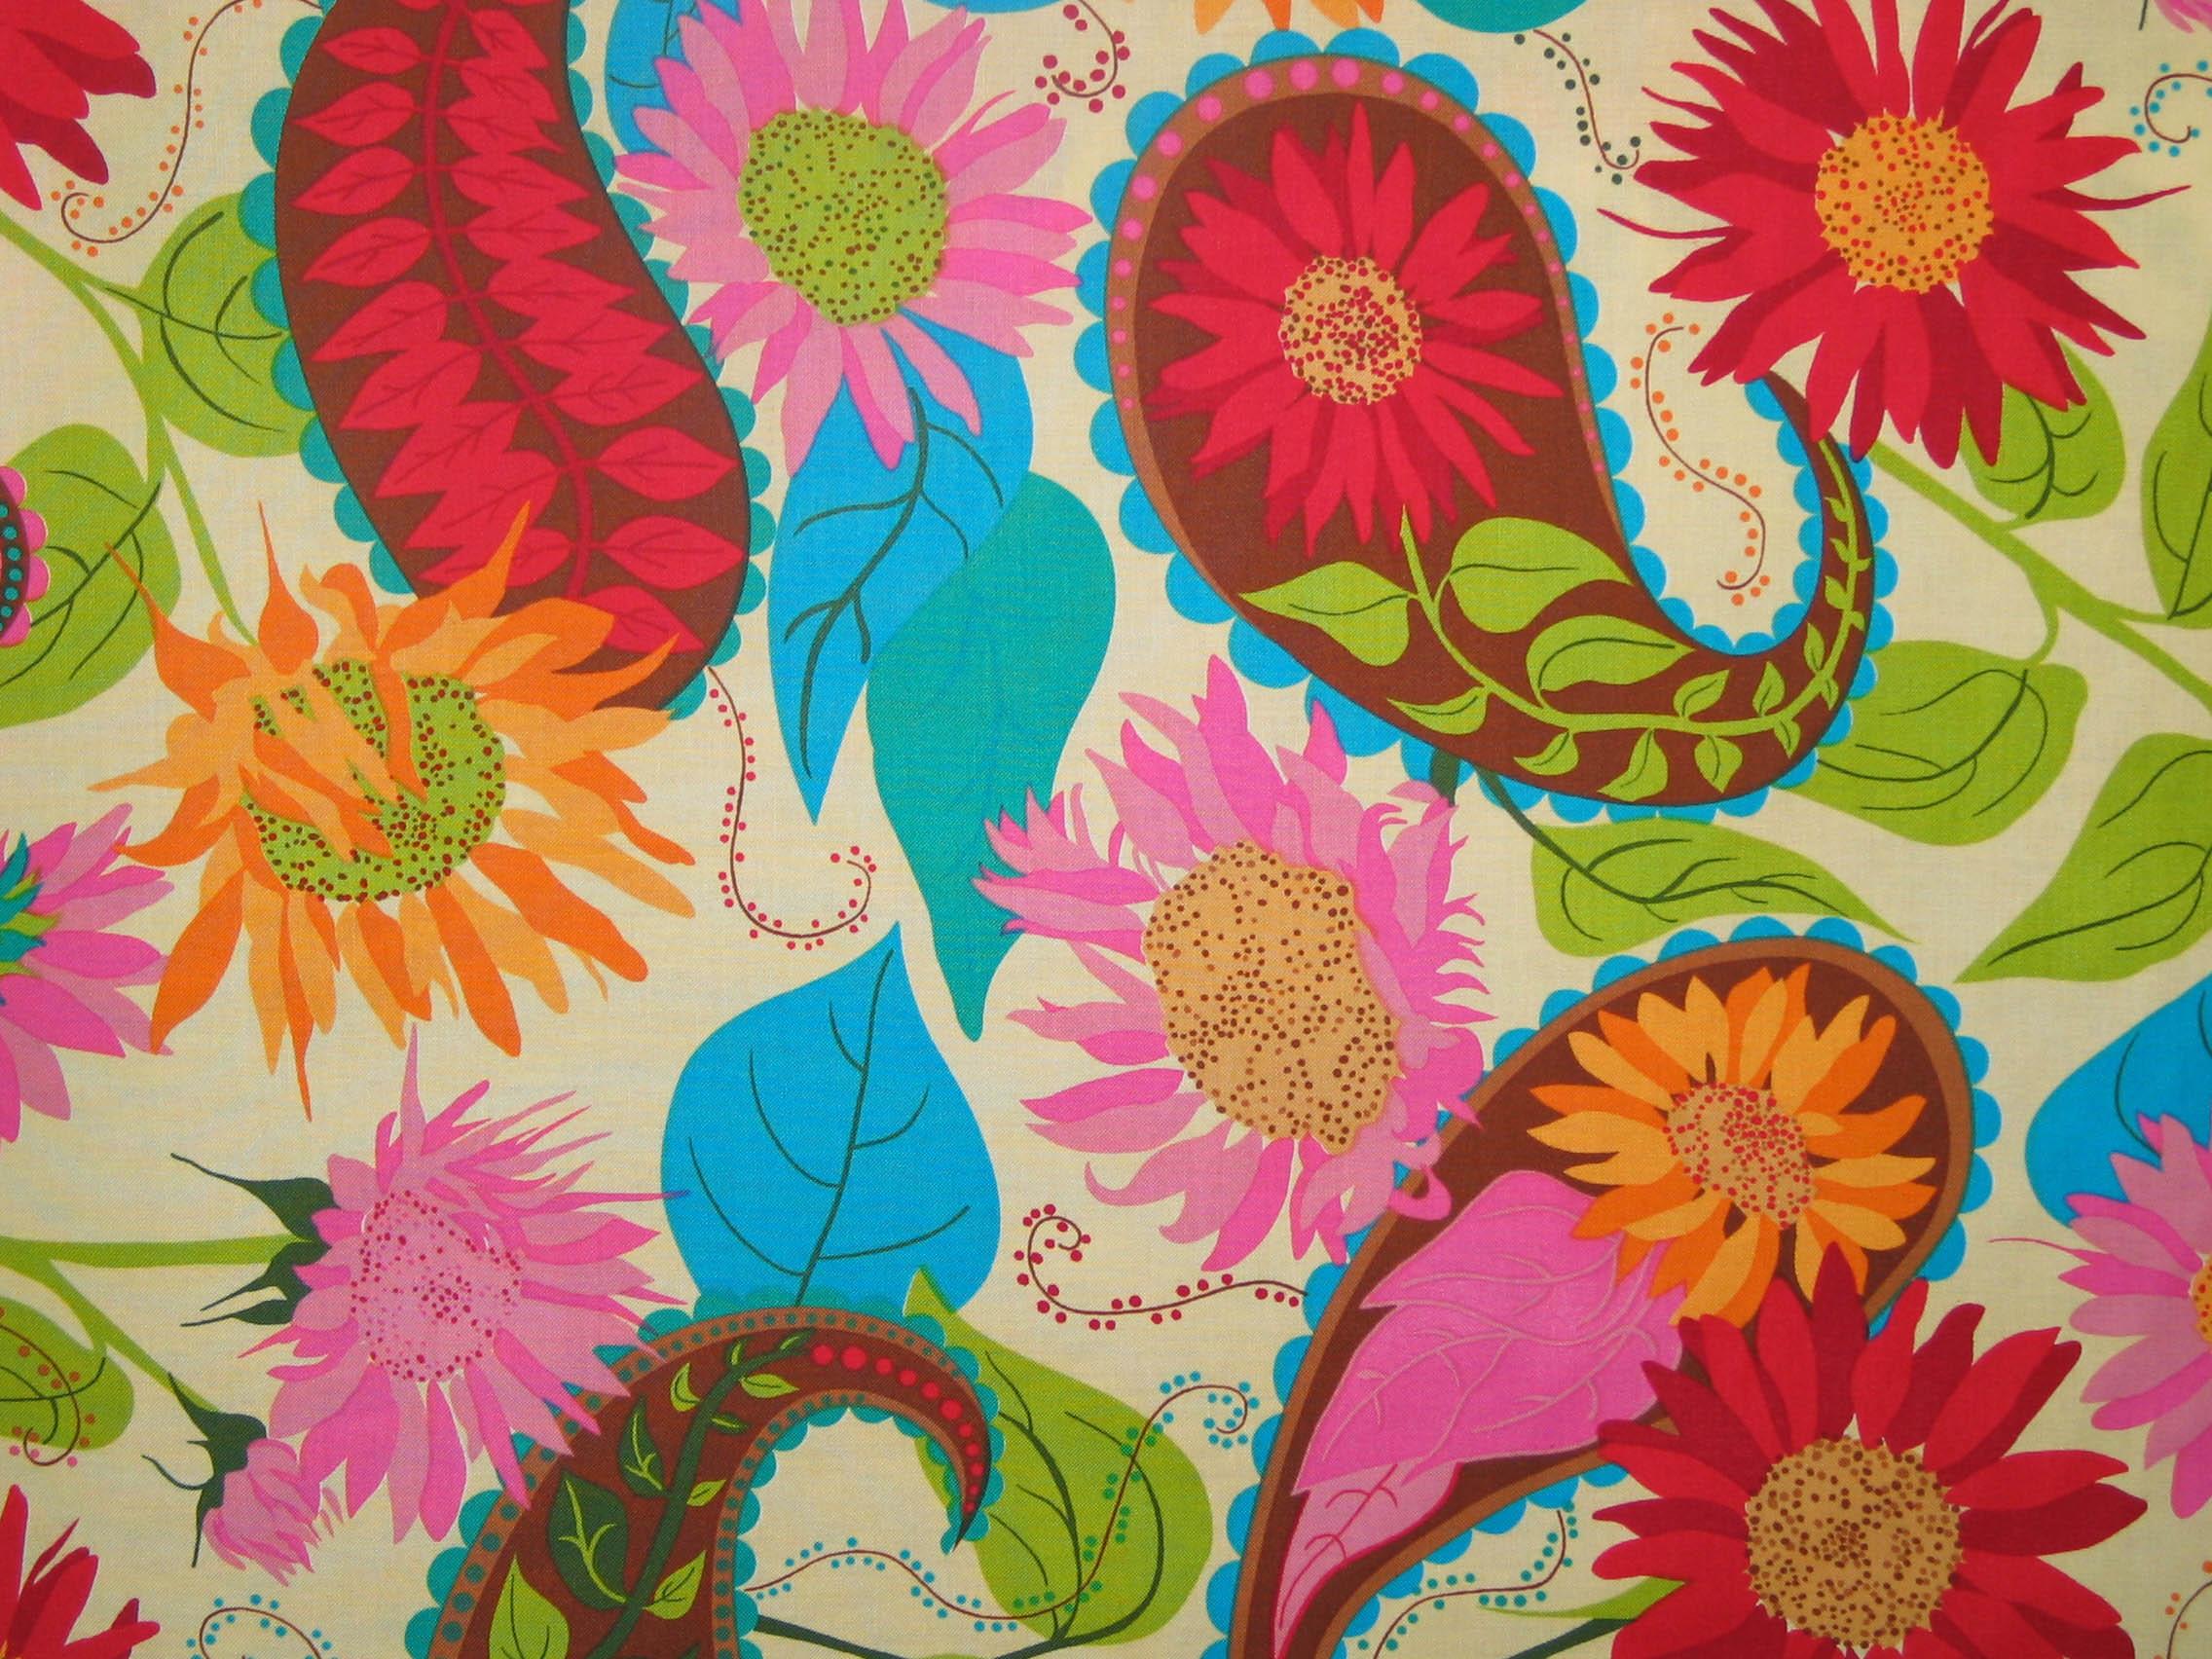 Cardinal Quilts & Fabrics